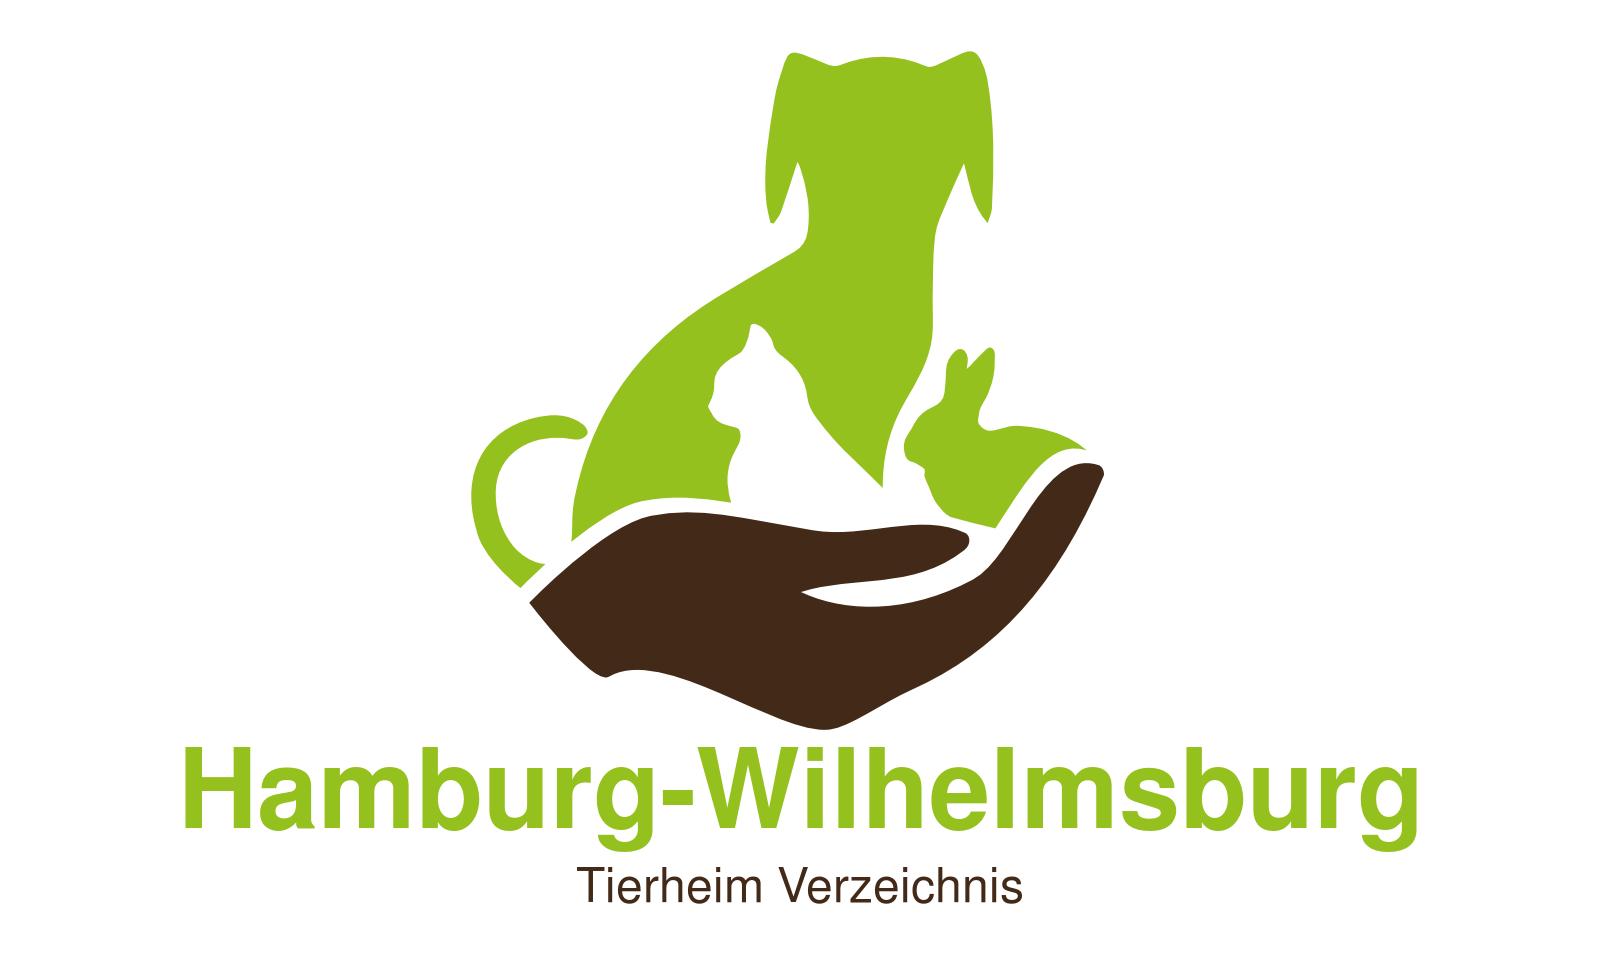 Tierheim Hamburg Wilhelmsburg